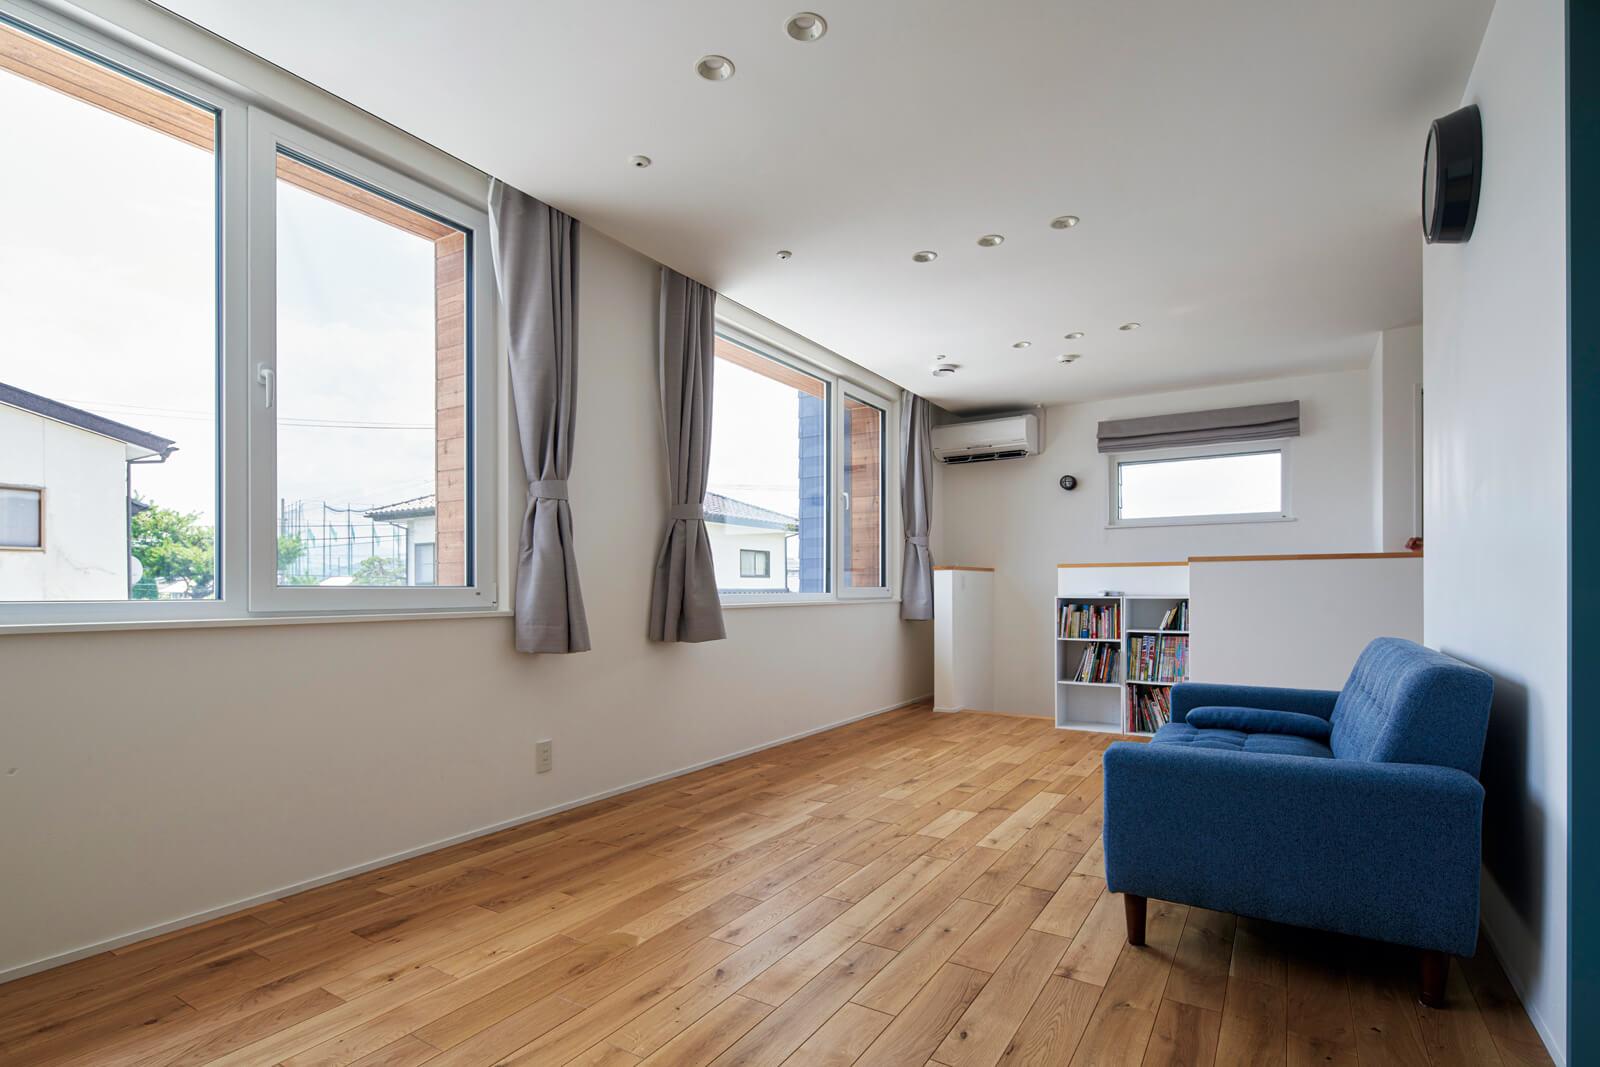 断熱・気密性に優れたドイツ製の高性能な窓が、冬場に室内の熱が外へ逃げるのをしっかりと防いでくれる